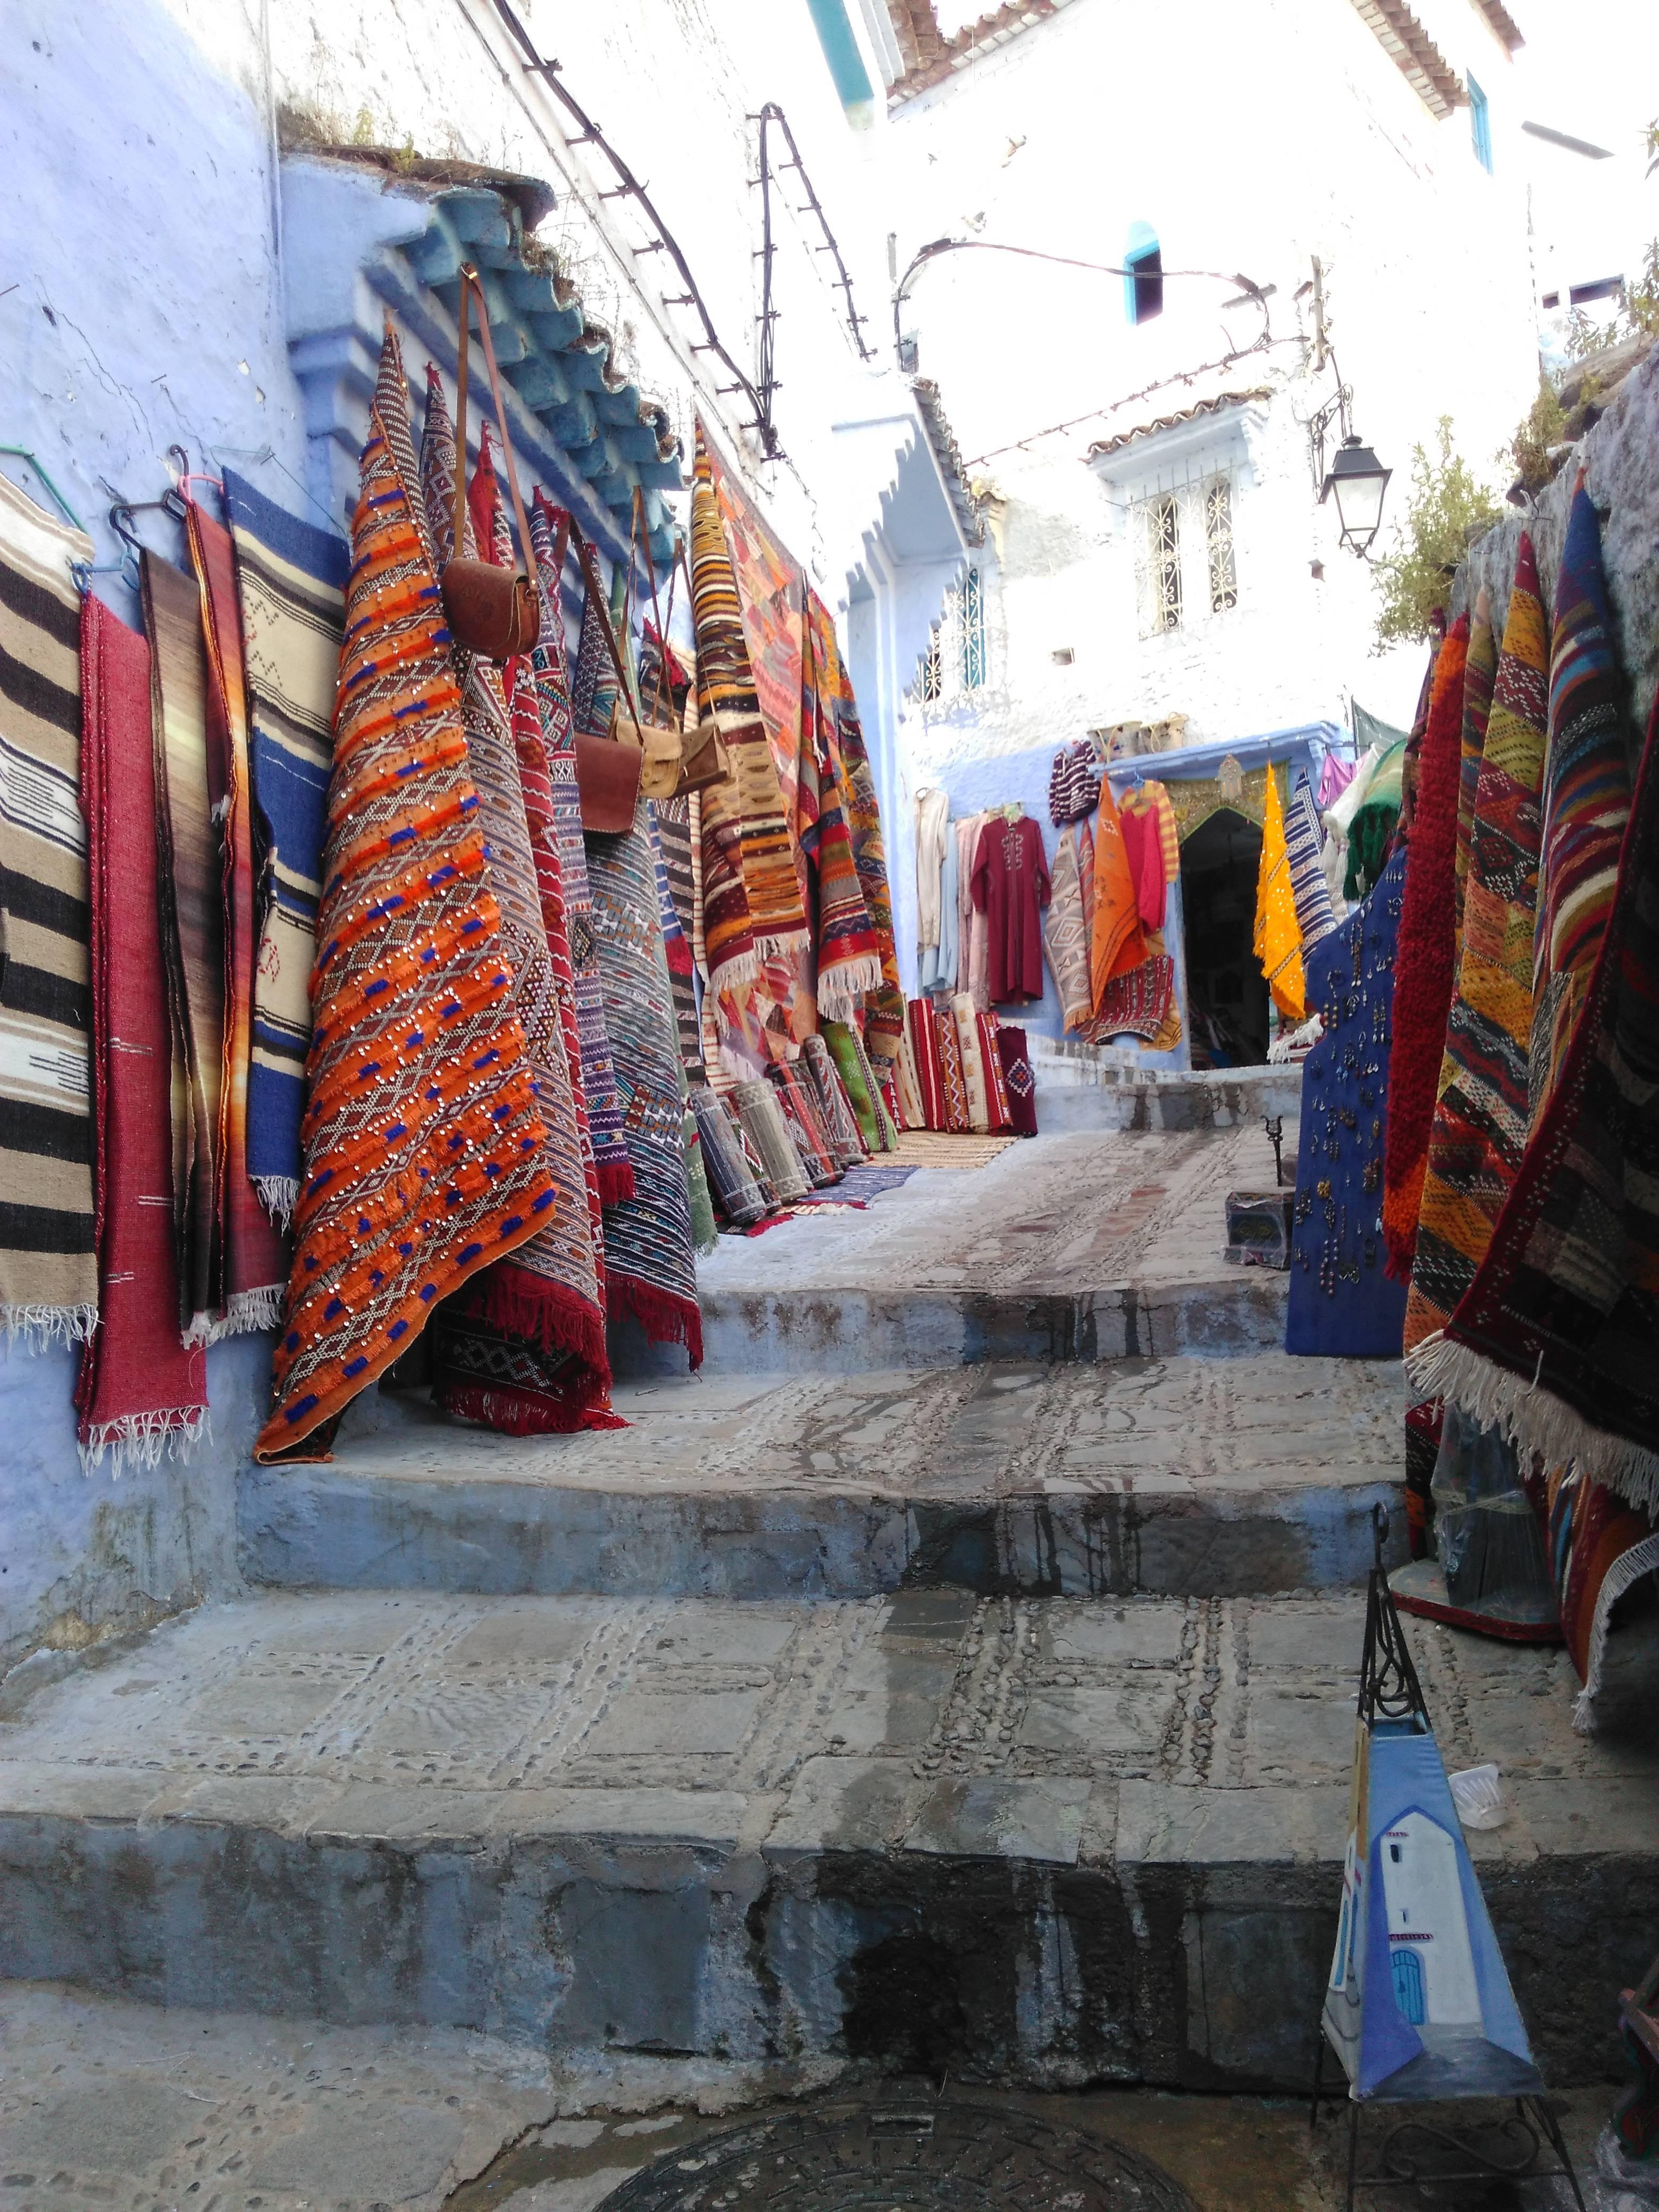 Photo 3: Chefchaouen, la ville bleue du Maroc !